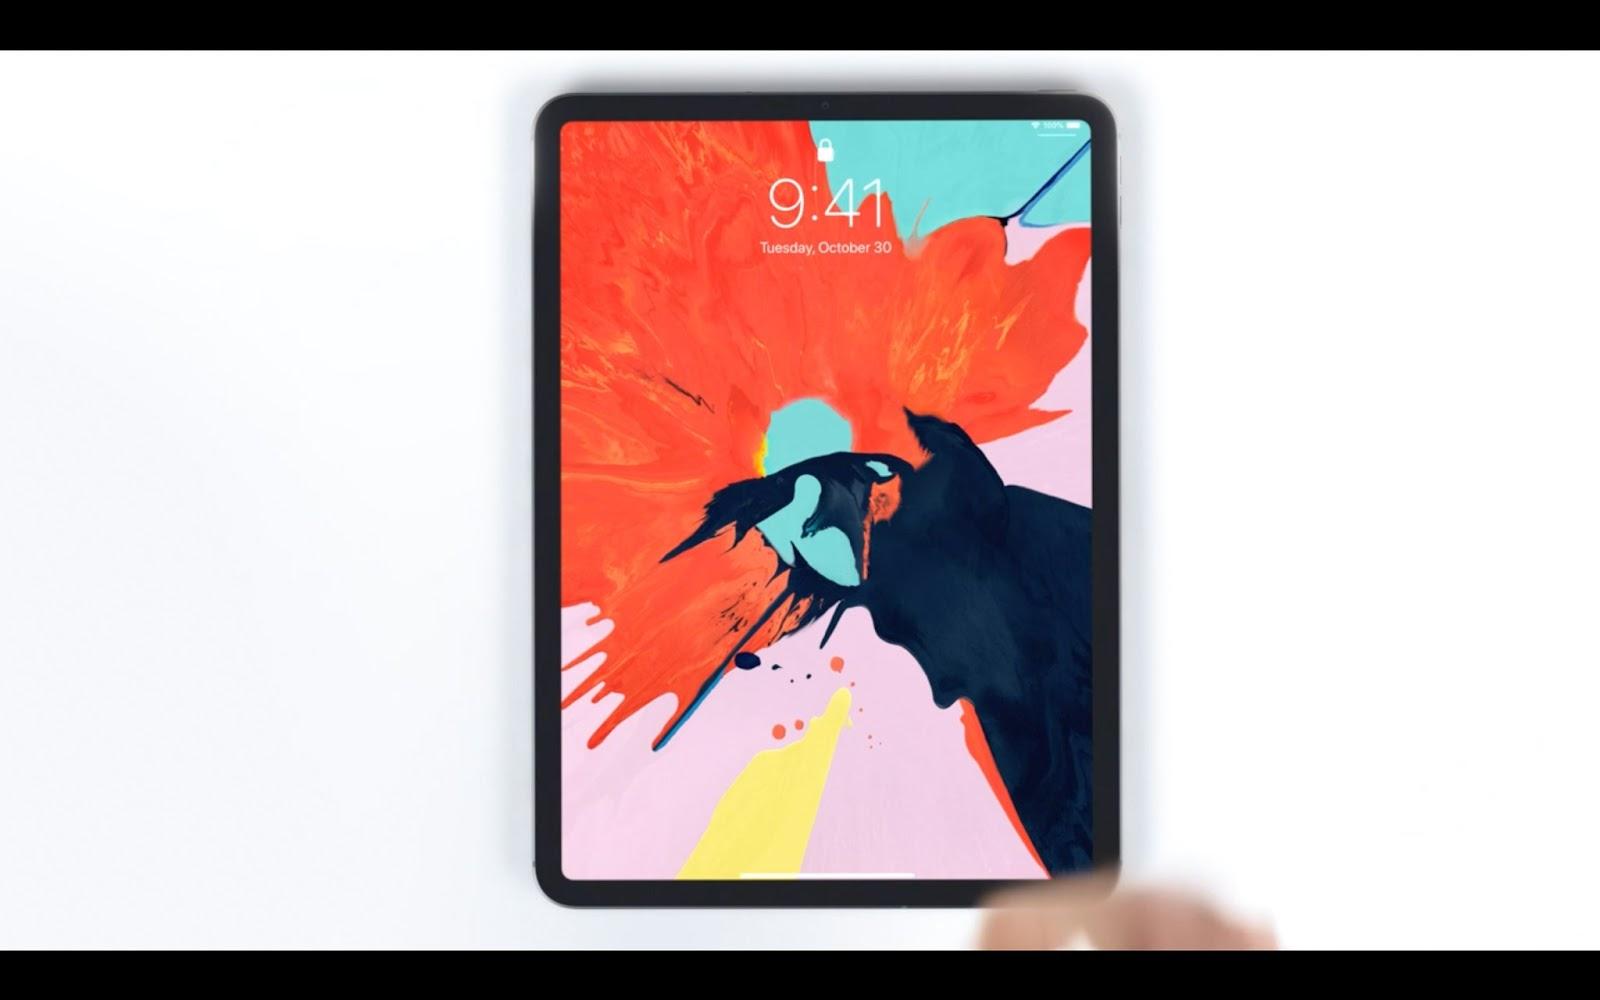 Đang tải iPad_2018-2.jpg…